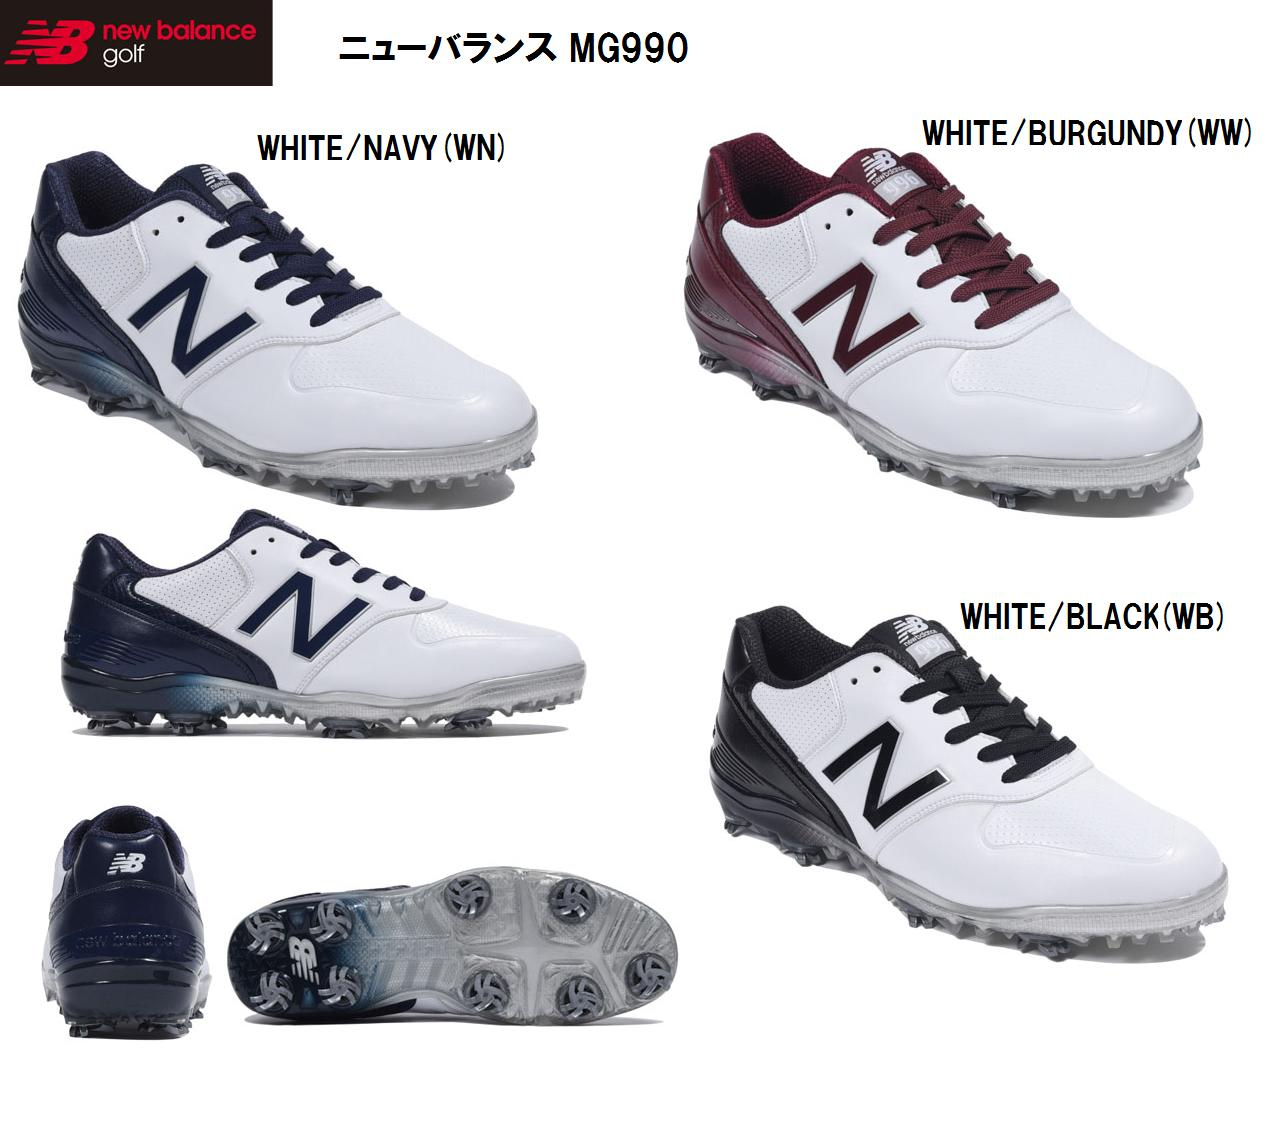 new balance golf ニューバランスゴルフ MG996 2018年モデル メンズゴルフシューズ 日本正規品